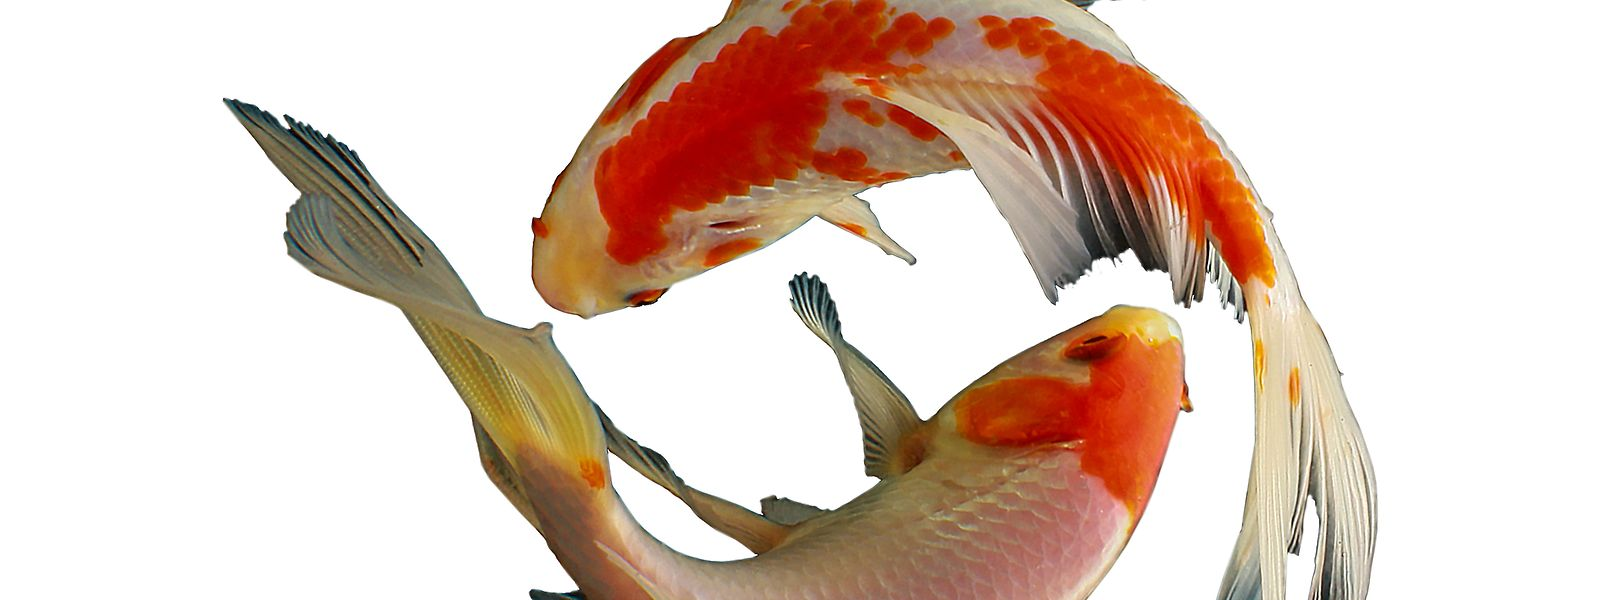 """Kois heißen in Japan eigentlich """"Nishikigoi"""" – was so viel bedeutet wie """"Farbkarpfen"""". Die Fische treten in verschiedensten Farbkombinationen auf."""